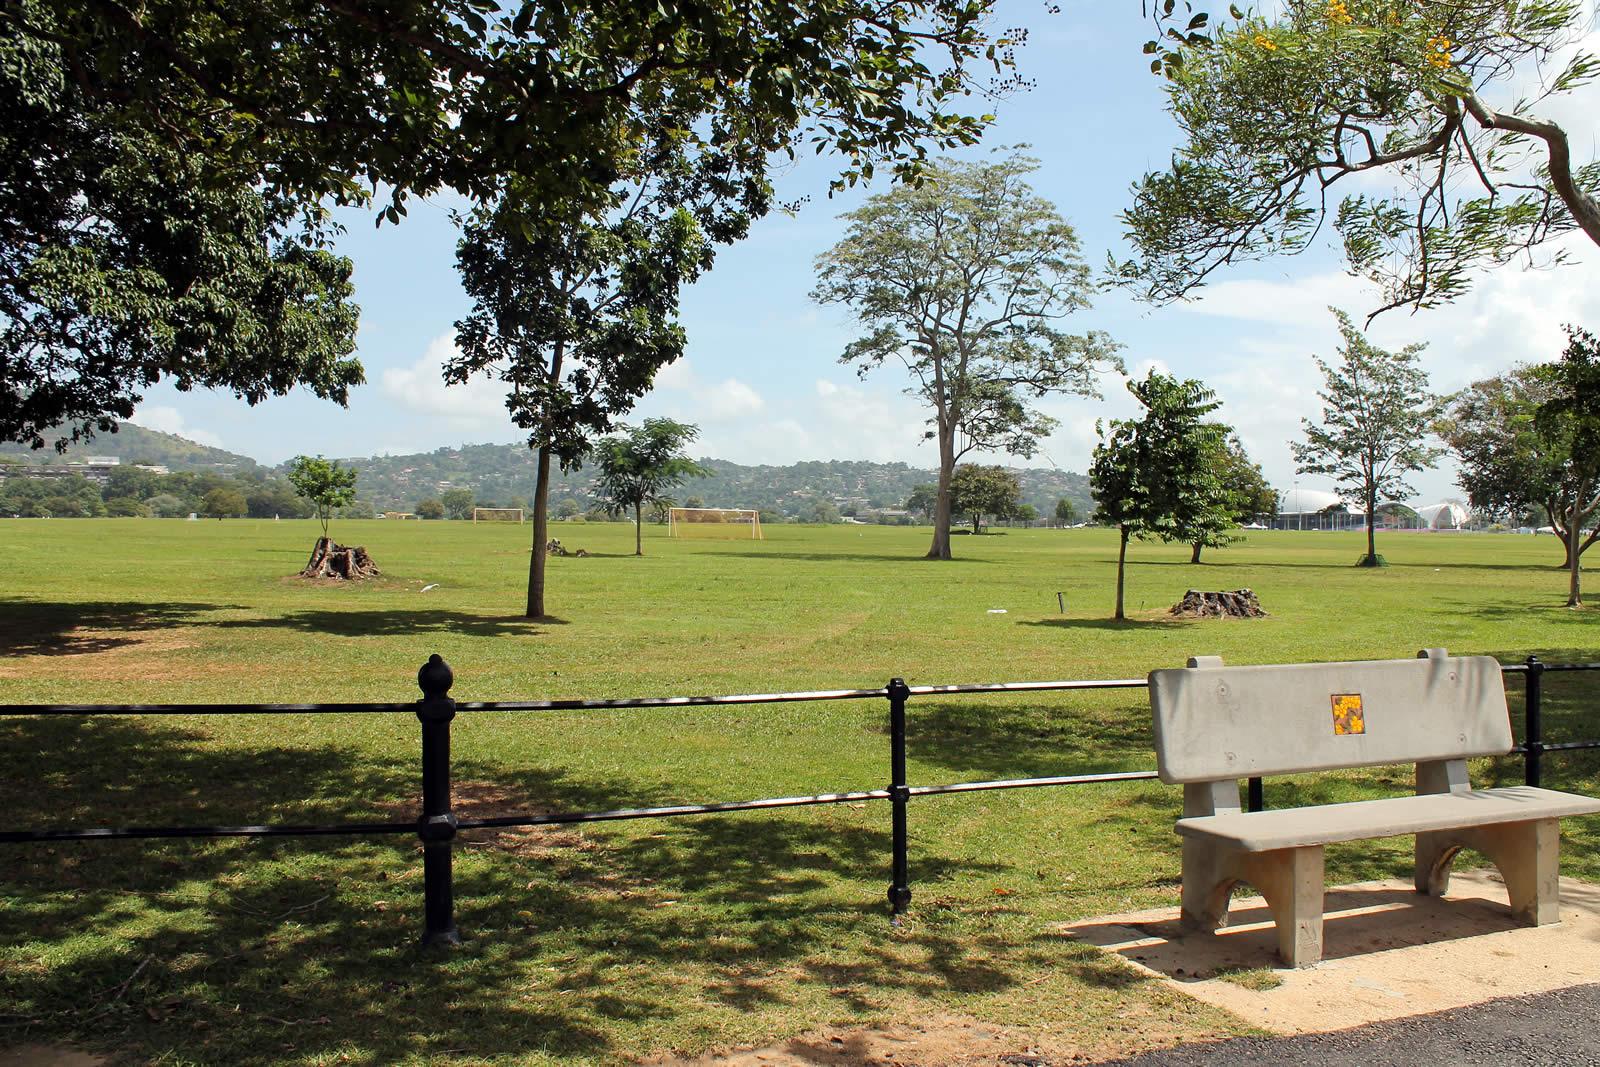 Queen's Park Savannah: Destination Trinidad and Tobago